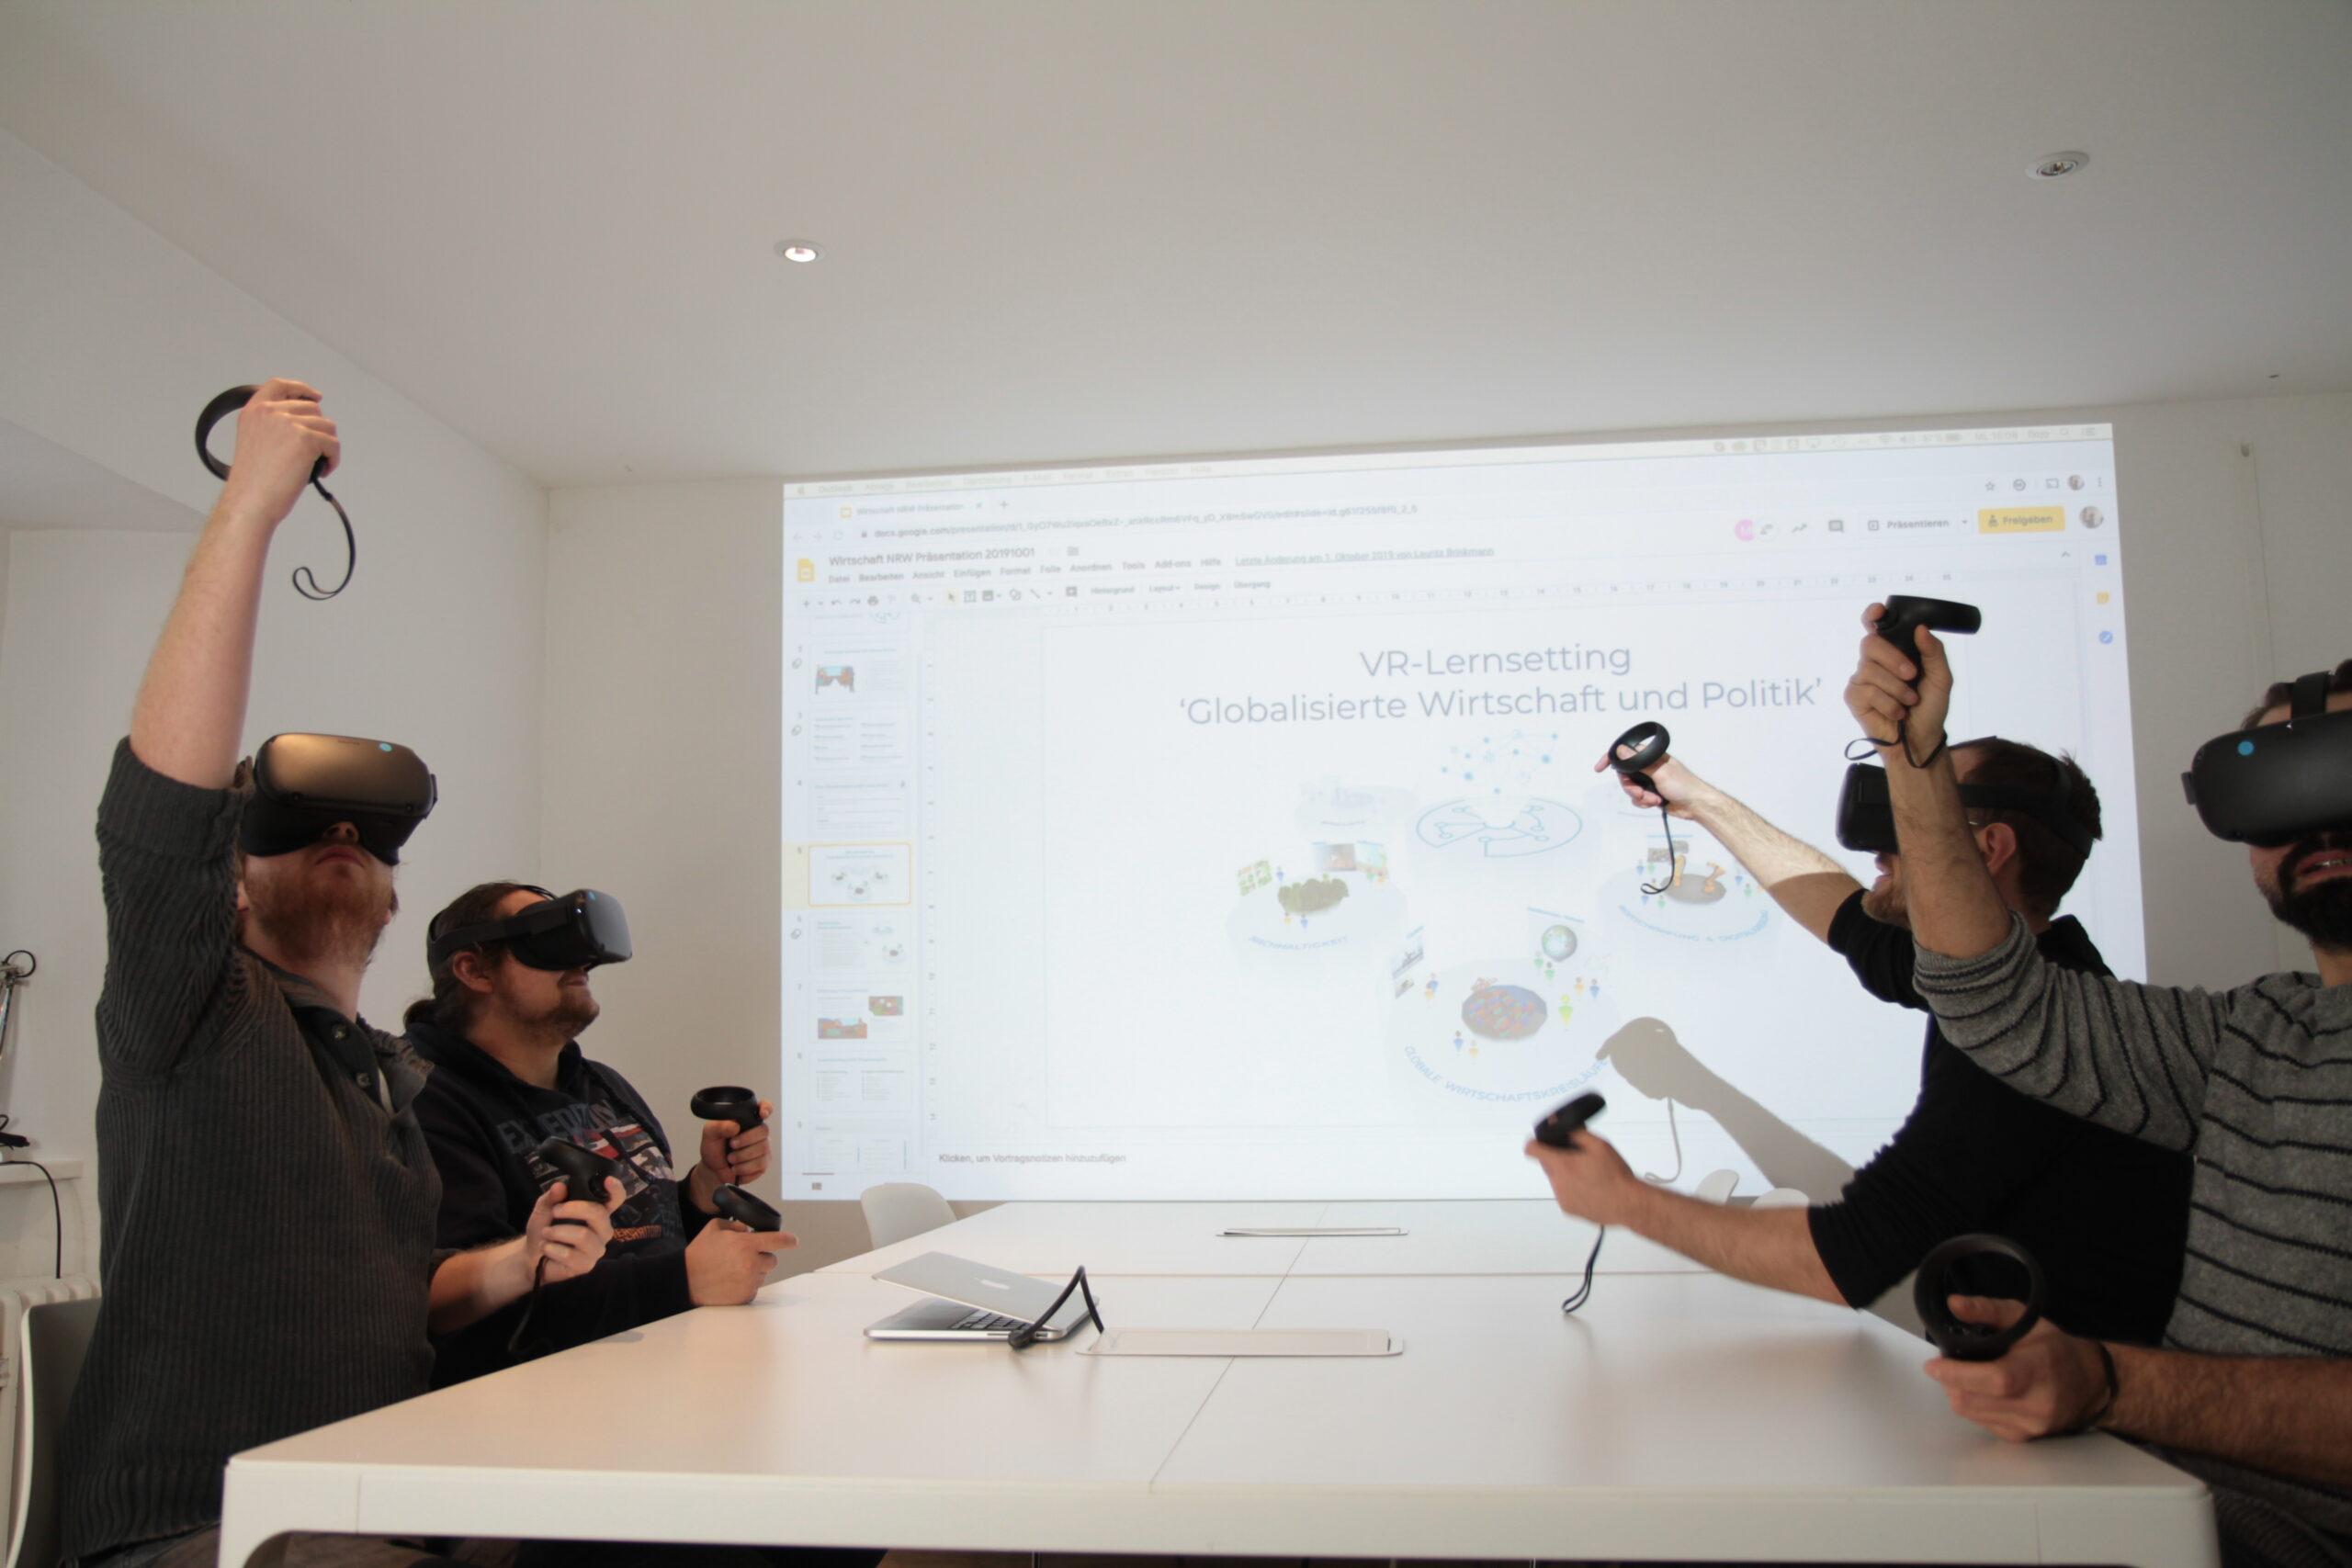 Das Team des Instituts für digitales Lernen testet eine Virtual-Reality Anwendung